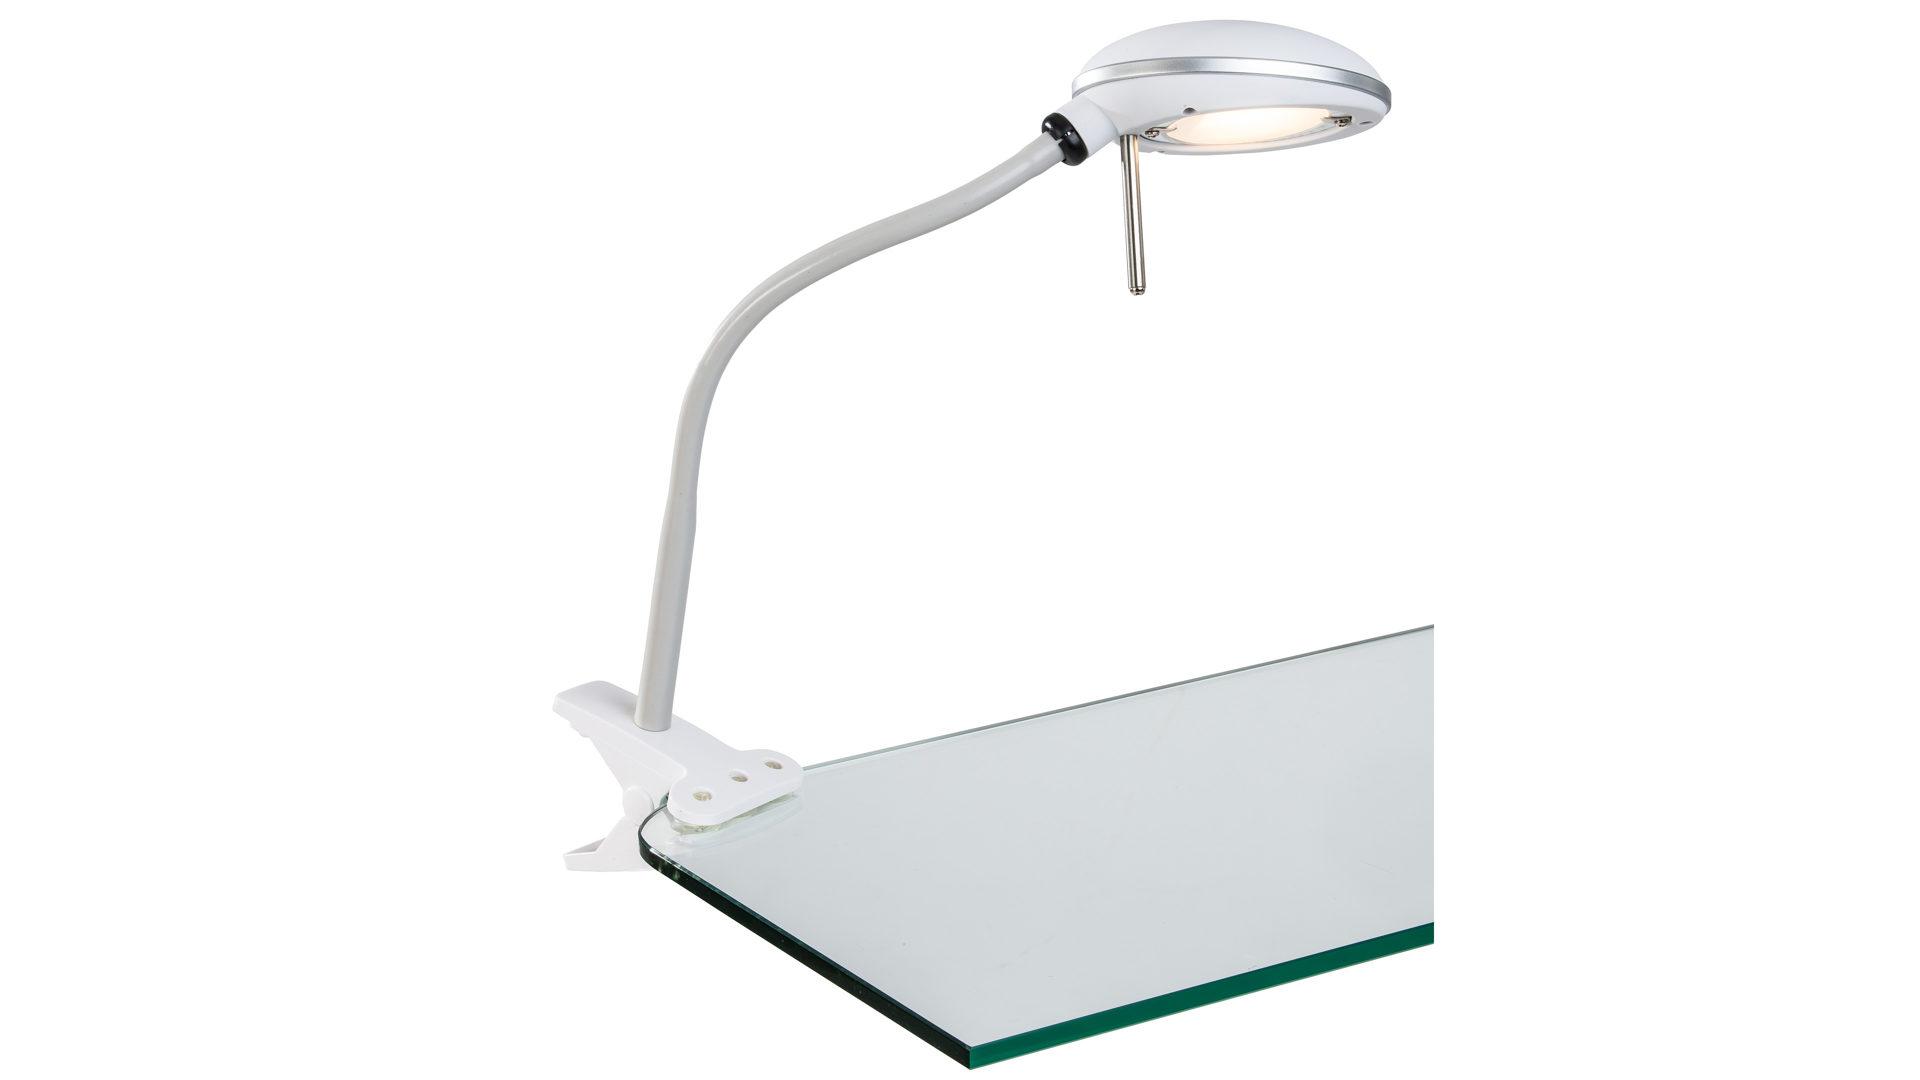 EINRICHTUNGSPARTNERRING, Räume, Küche, Lampen + Leuchten, LED, LED ...